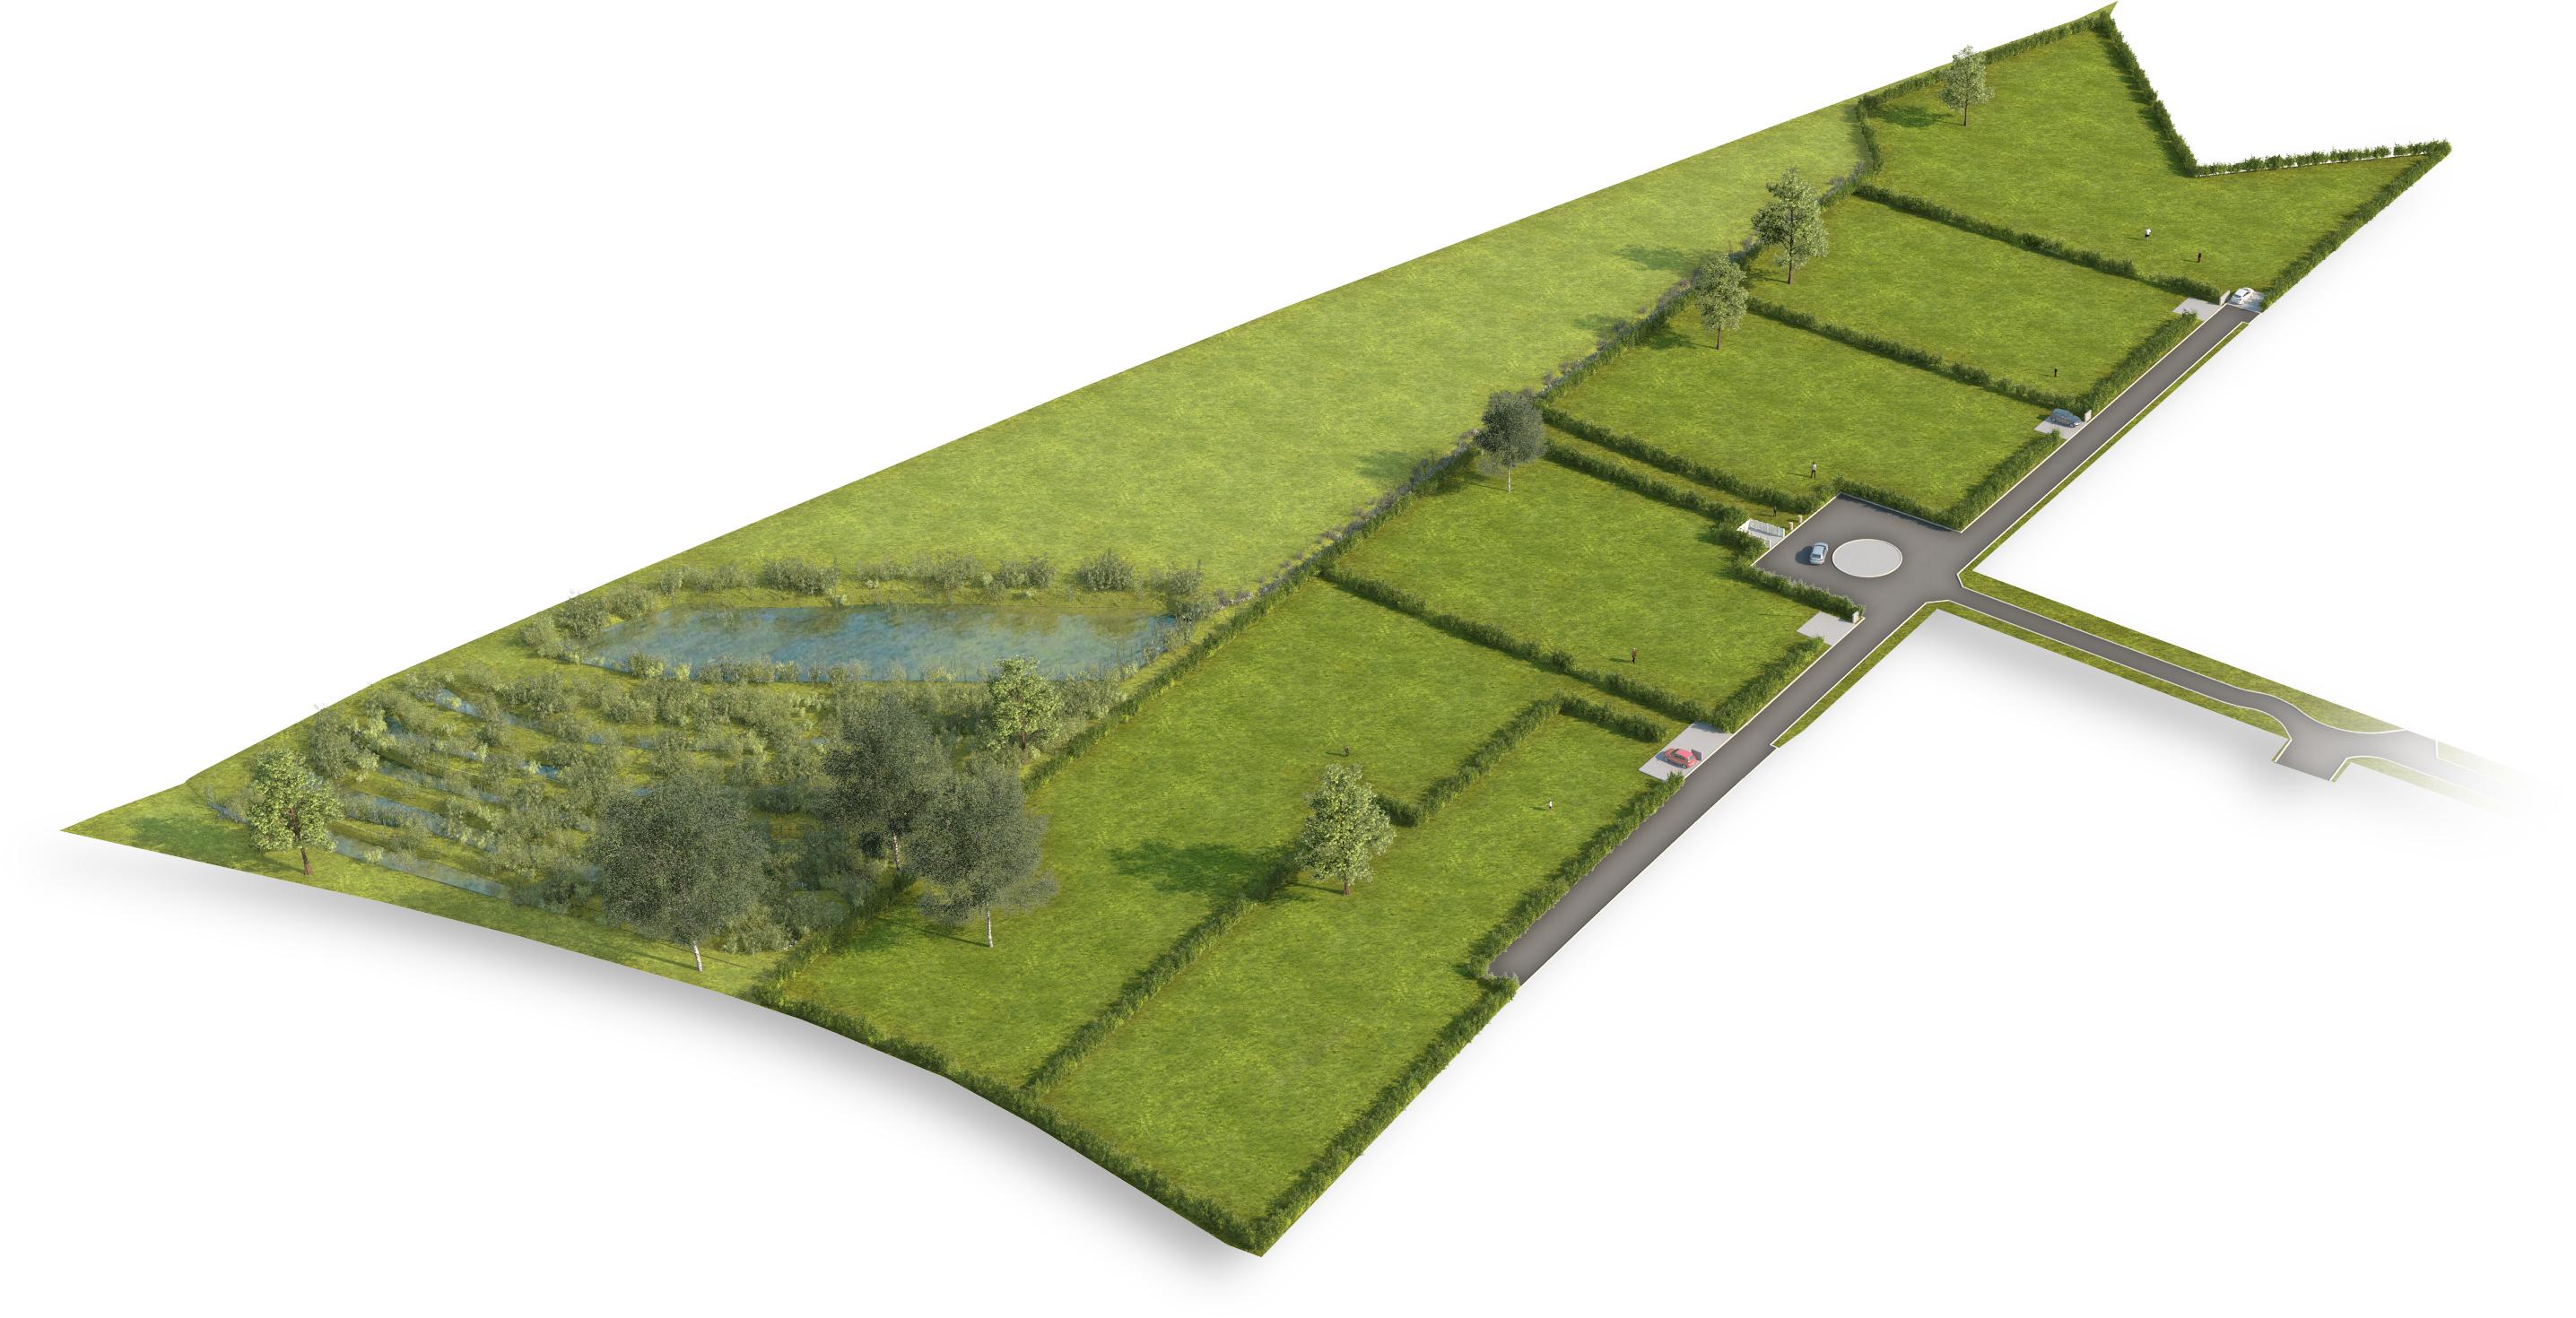 terrains isneauville